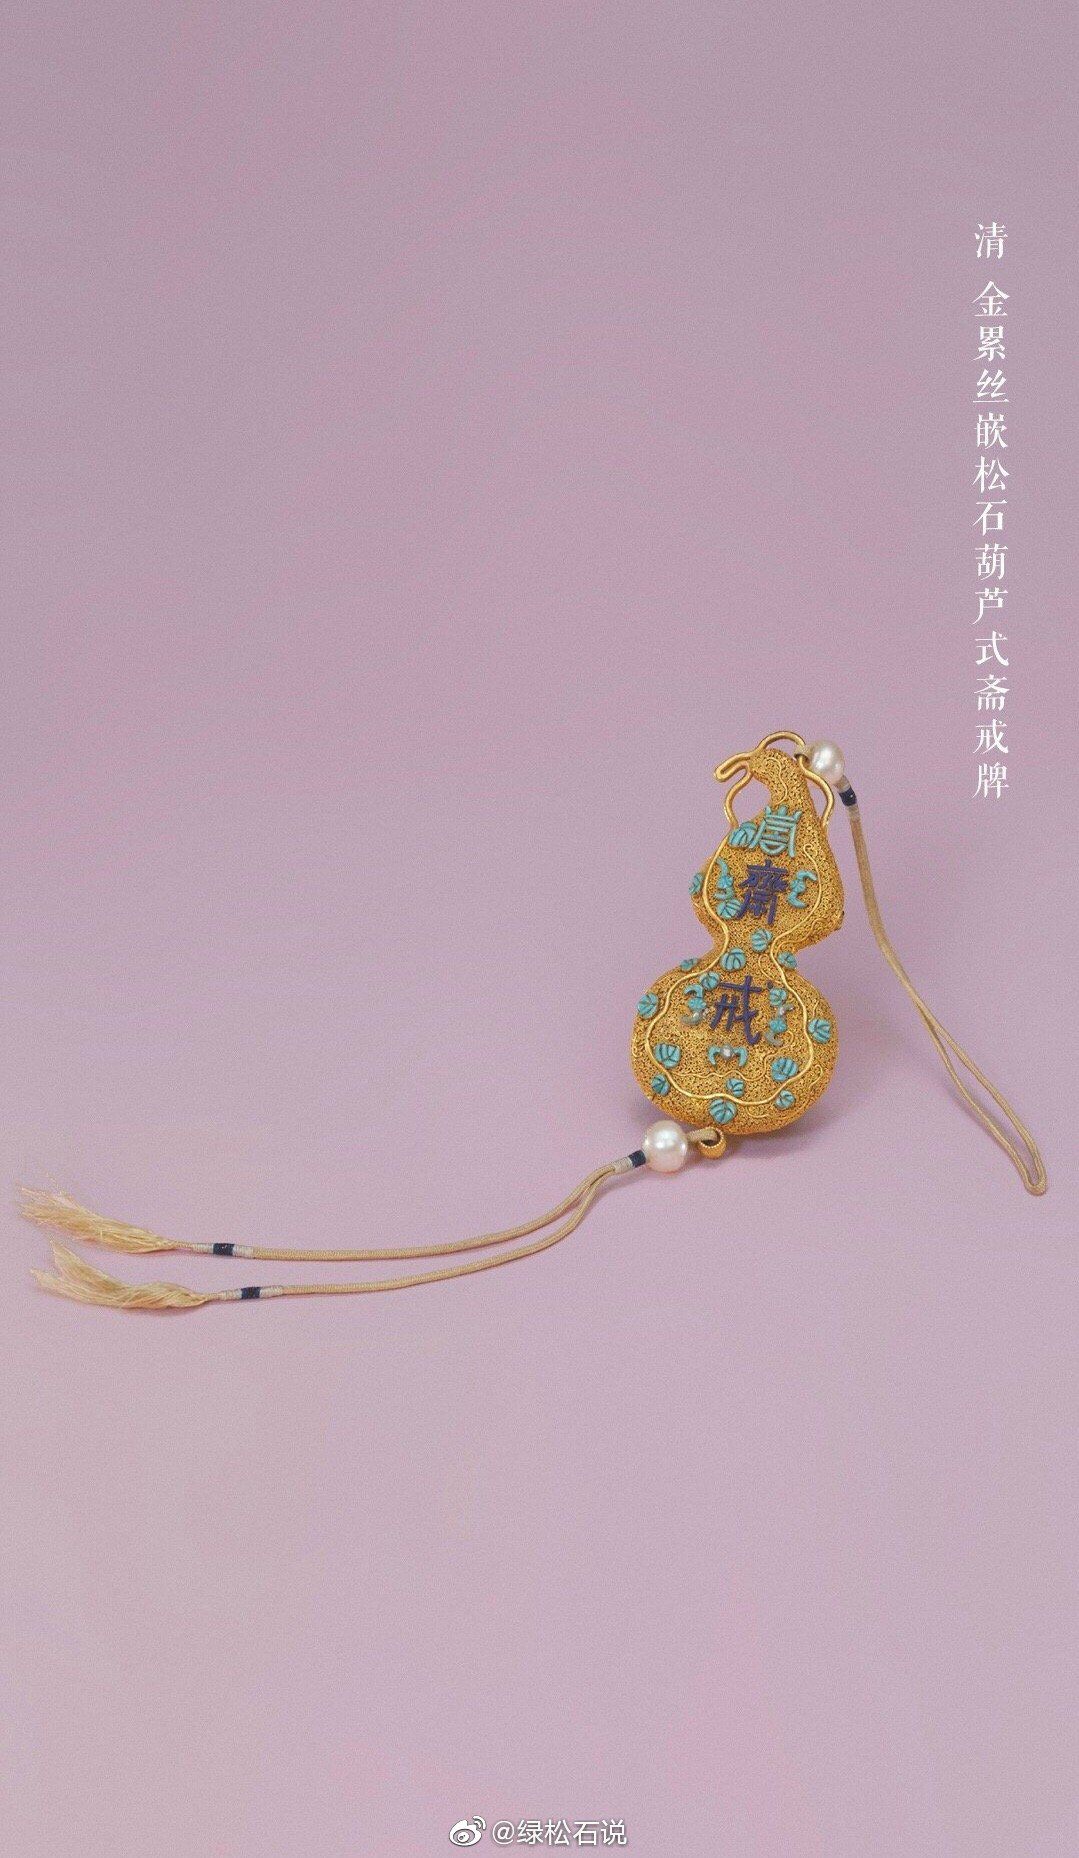 万物色~分享一组故宫博物院嵌绿松石器物①金雷丝嵌松石葫芦式斋戒